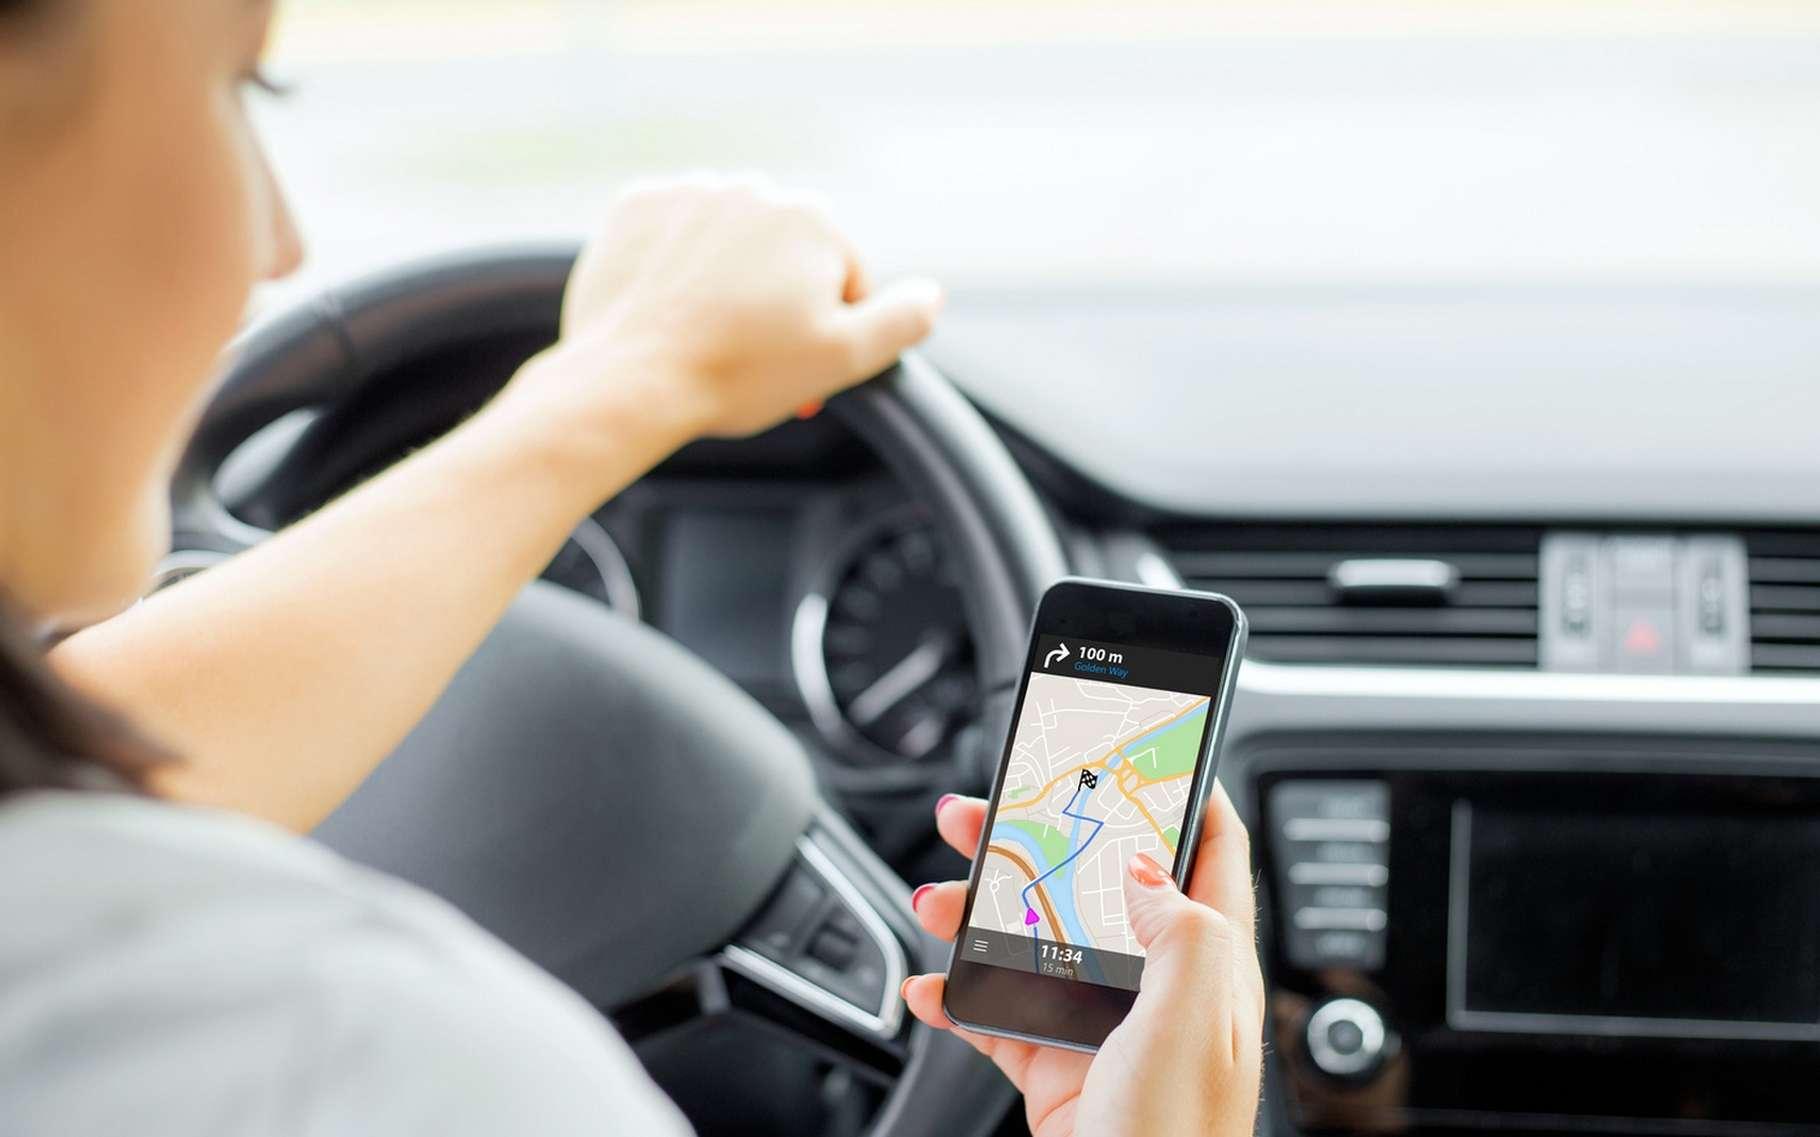 Waze est l'une des applications de navigation assistée les plus populaires. © Kaspars Grinvalds, Fotolia